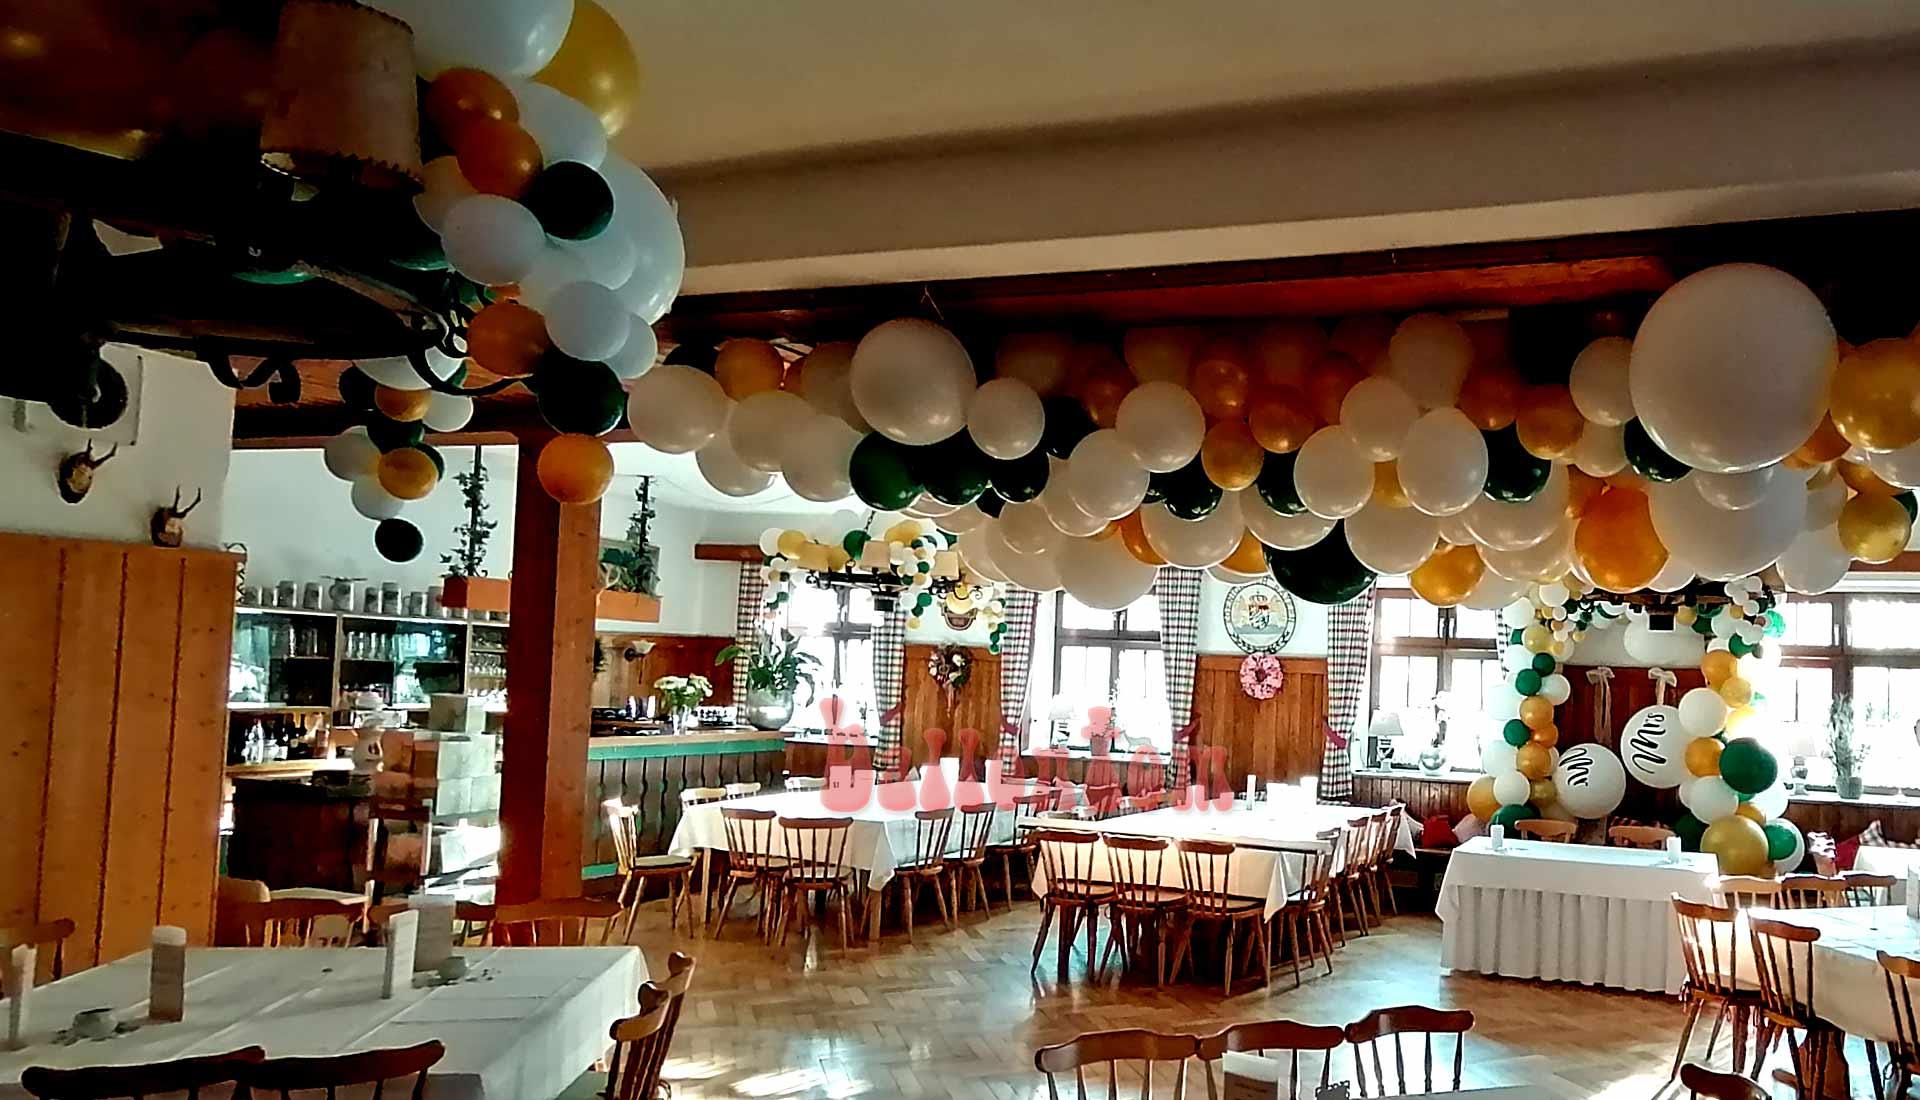 Hochzeitsdeko mit Ballons in einer bayrischen Wirtschaft